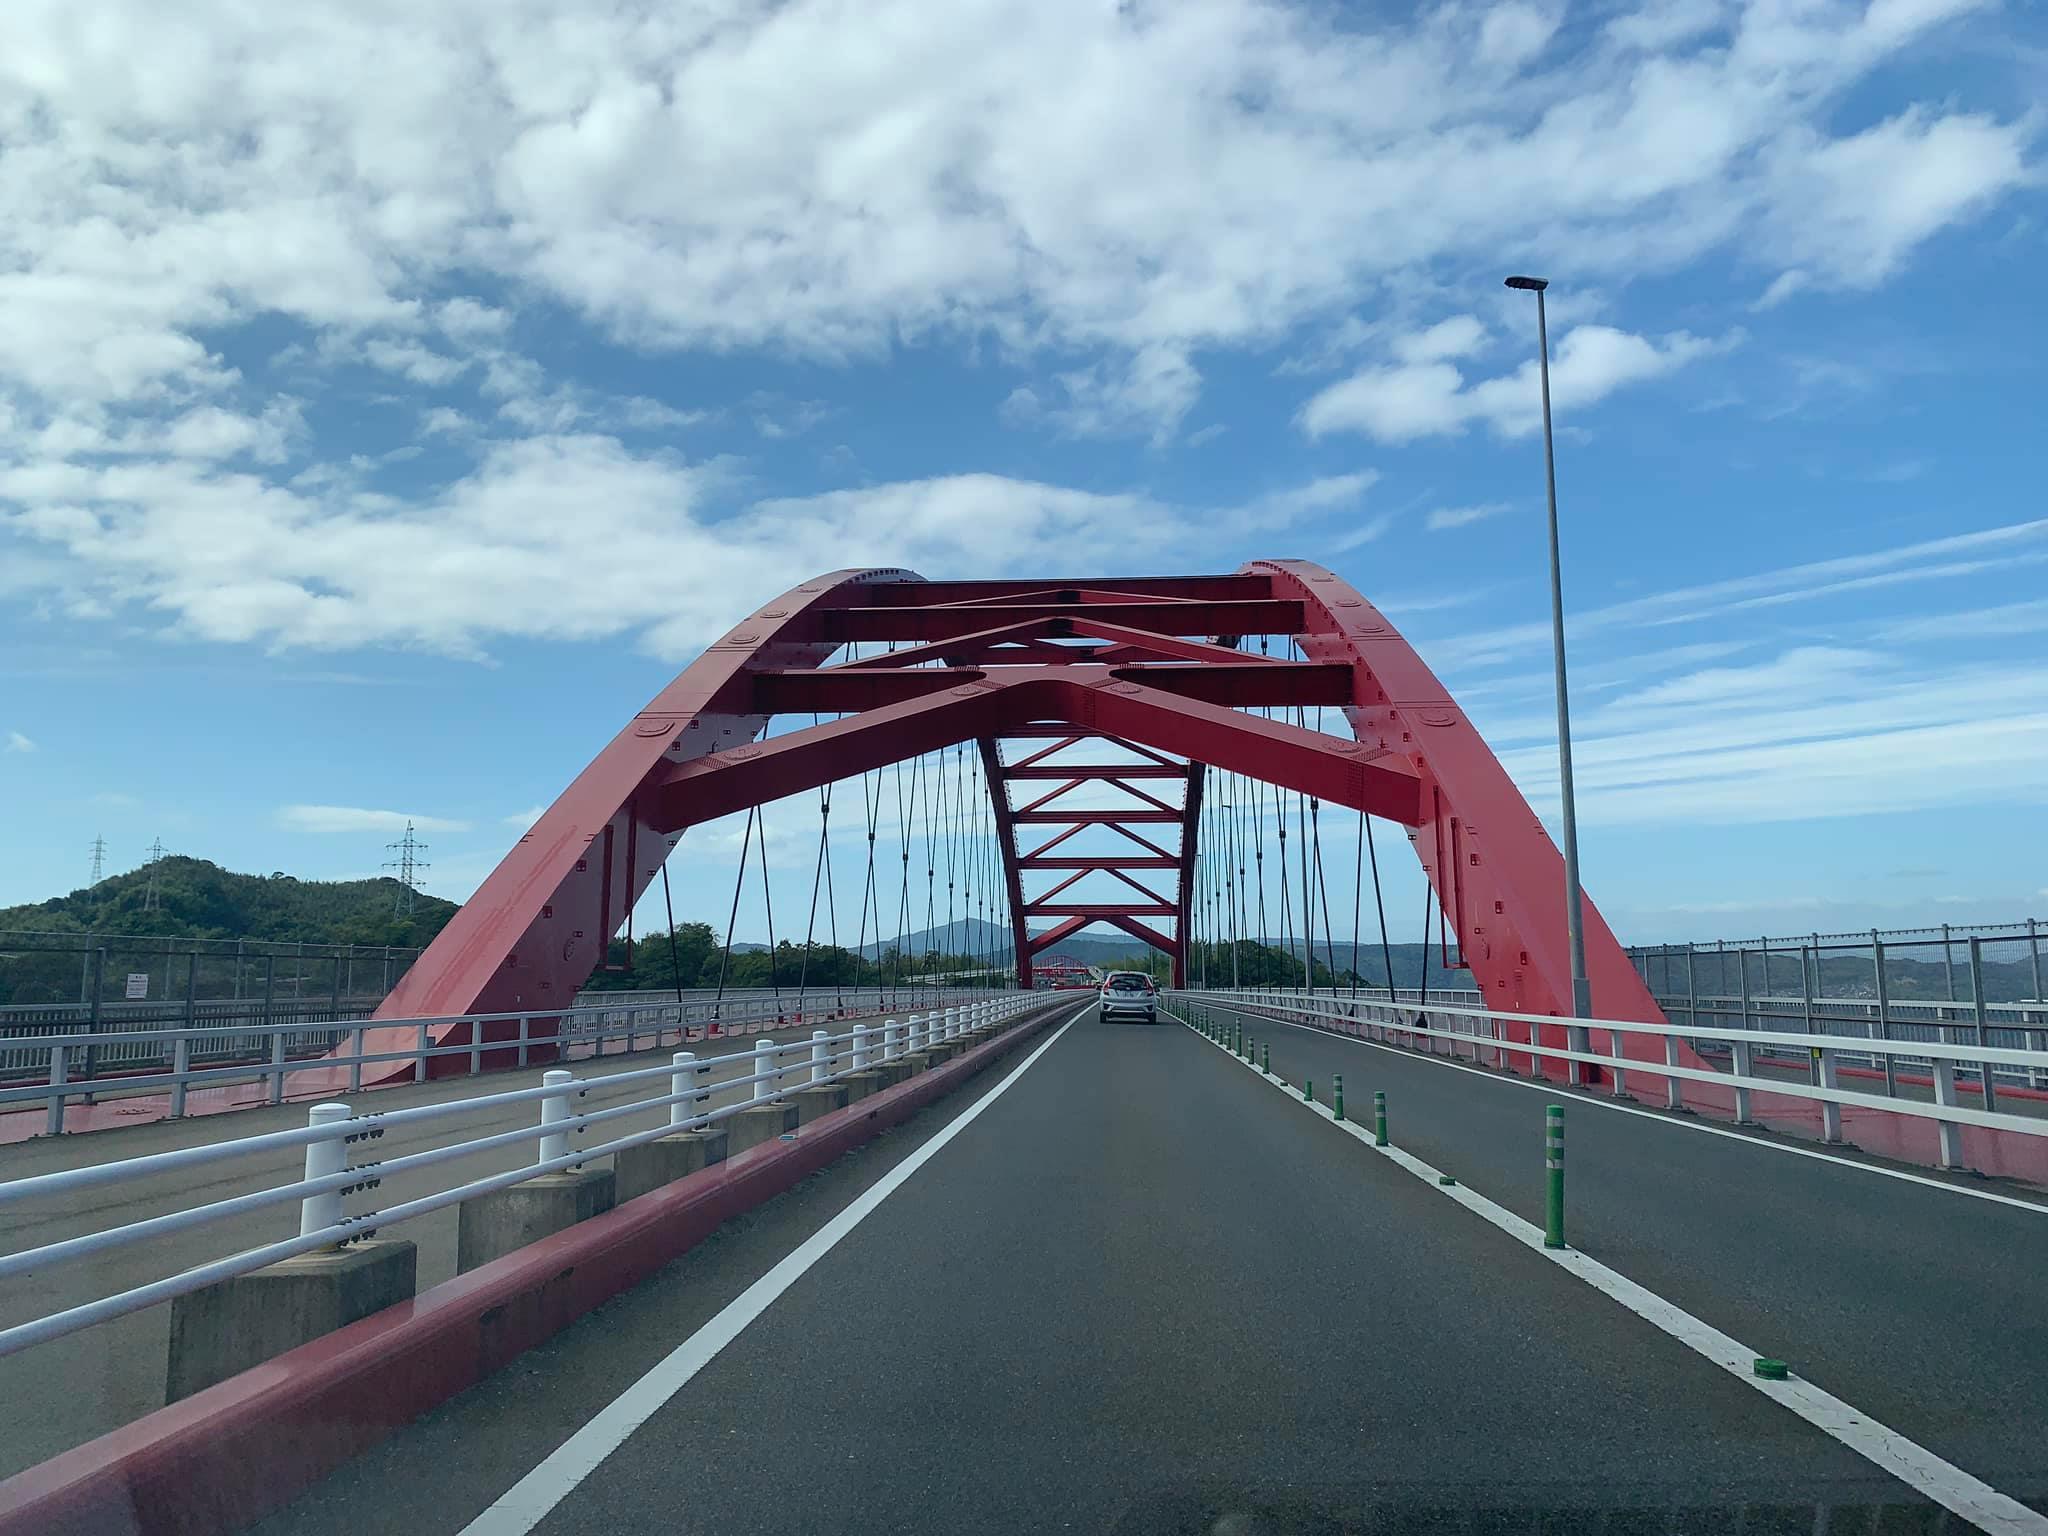 広島音戸大橋を抜けてドローン空撮に向かいます!